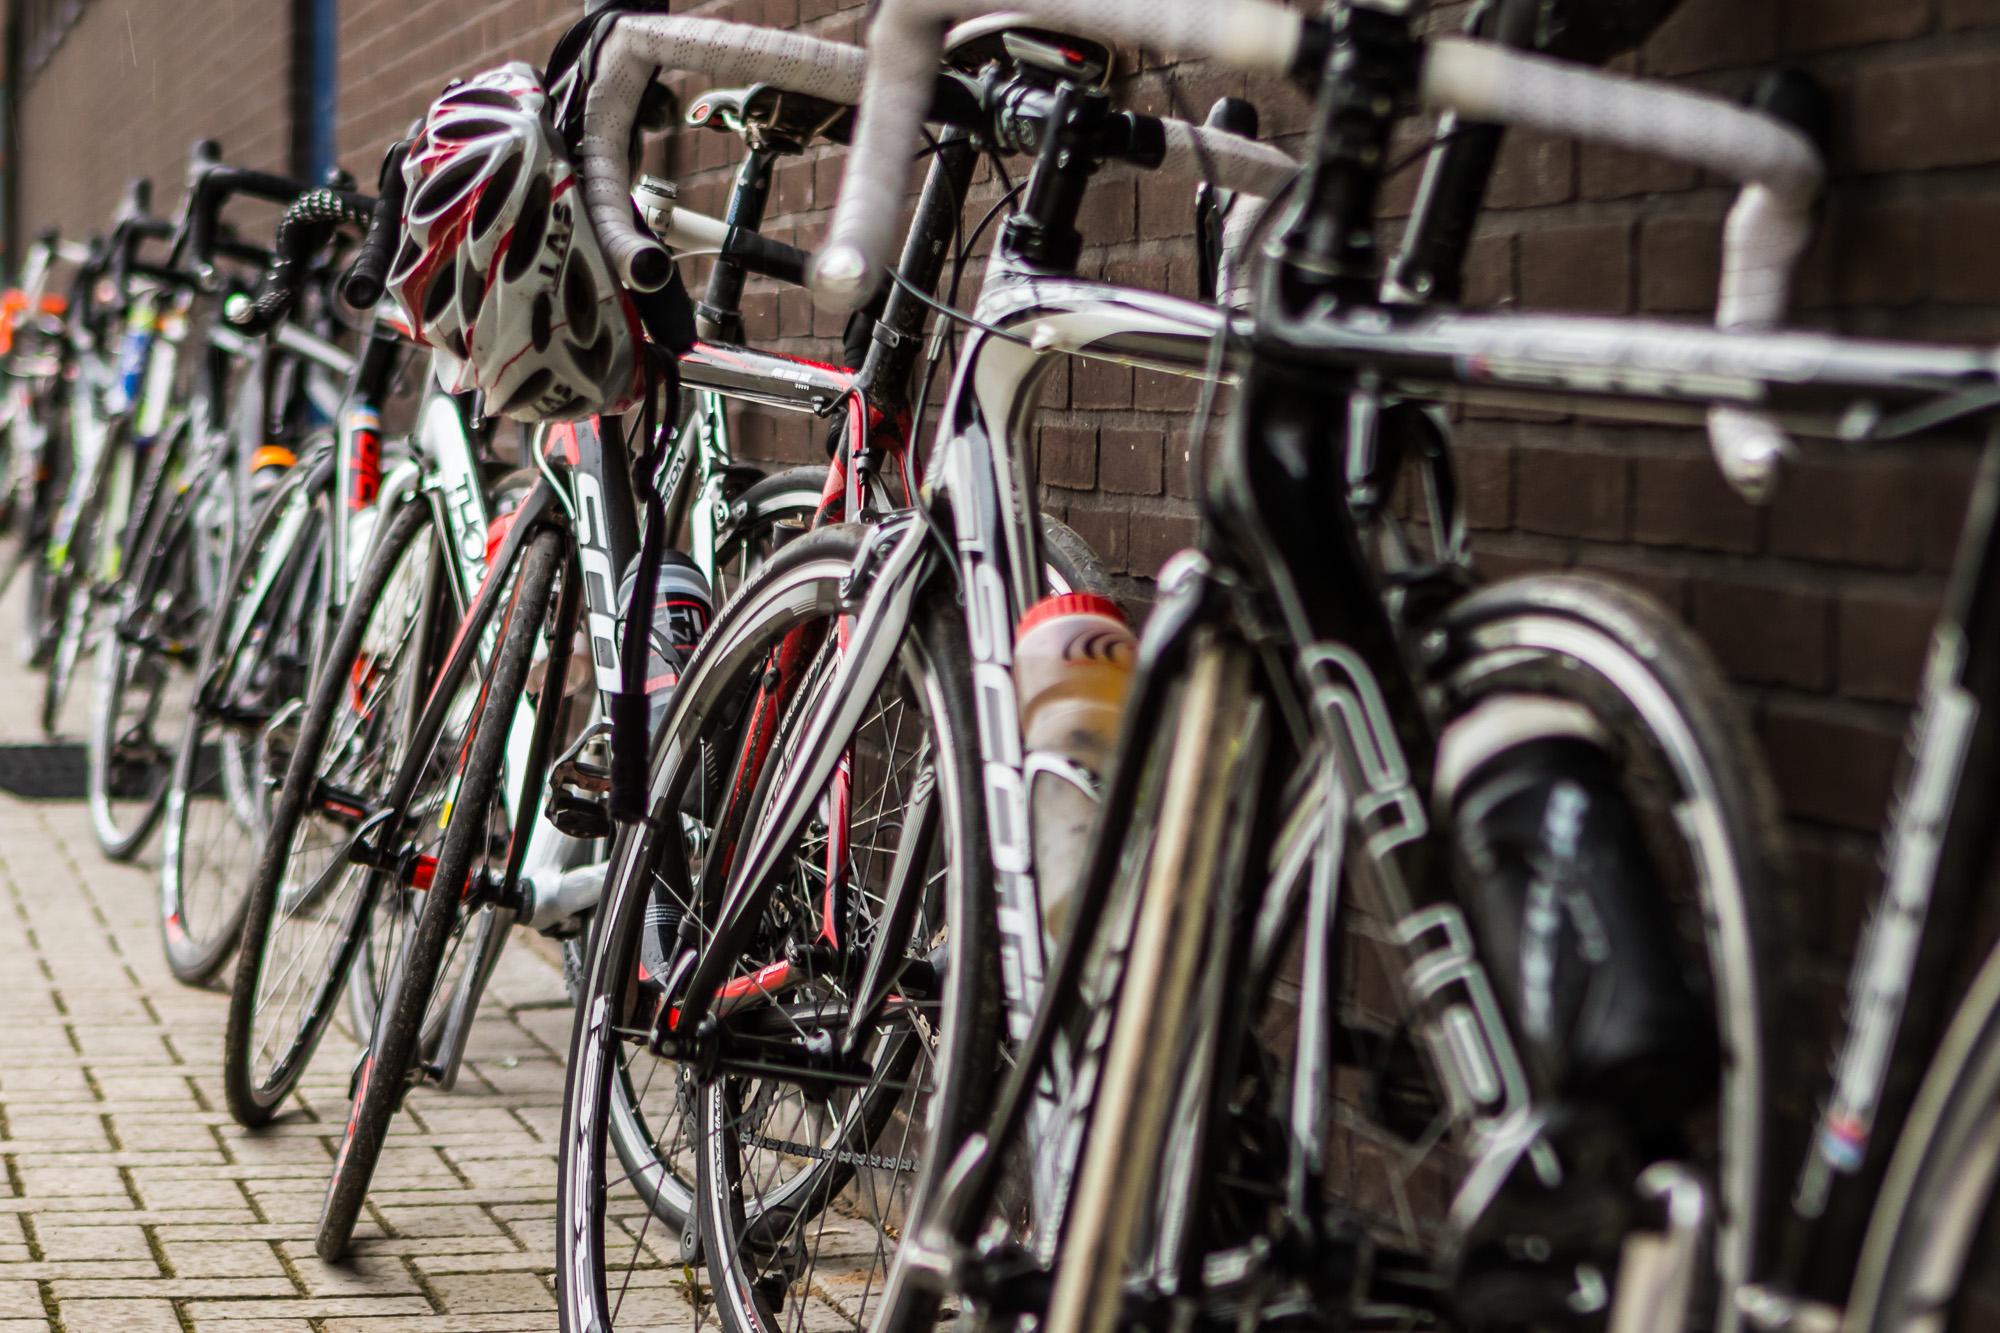 Clubbijeenkomsten zoals ritten en trainingen afgelast